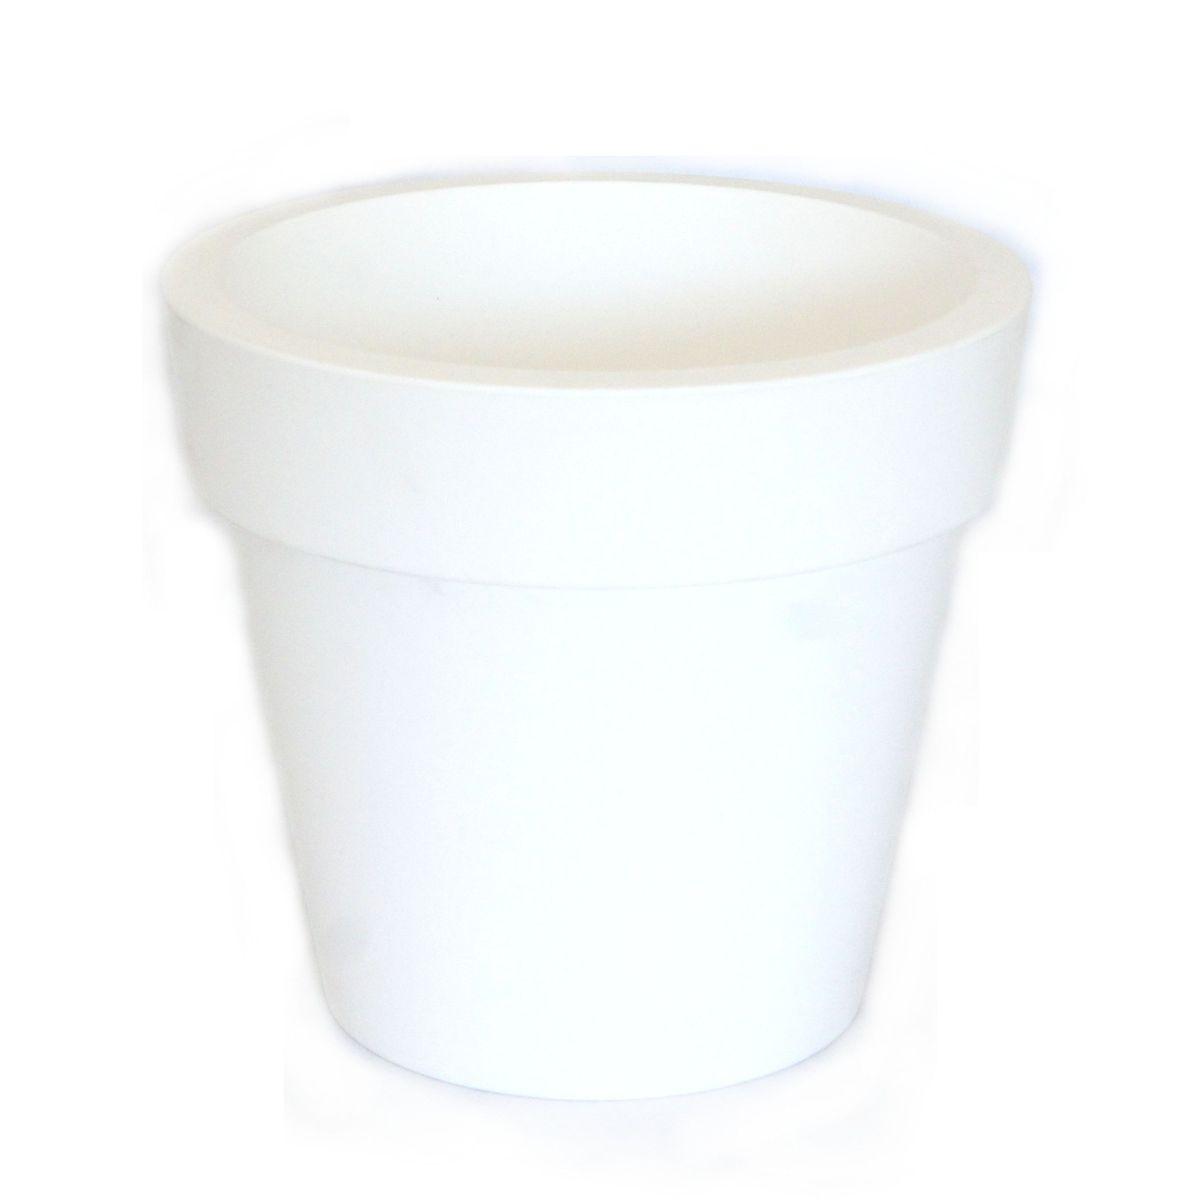 Кашпо JetPlast Порто, со вставкой, цвет: белый, 6 л531-401Кашпо Порто классической формы с внутренней вставкой-горшком. Дренажная вставка позволяет легко поливать растения без использования дополнительного поддона. Вместительный объем кашпо позволяет высаживать самые разнообразные растения, а съемная вставка избавит вас от грязи и подчеркнет красоту цветка. Оно изготовлено из прочного полипропилена (пластика). Такое кашпо порадует вас функциональностью, а благодаря лаконичному дизайну впишется в любой интерьер помещения. Объем кашпо: 6 л.